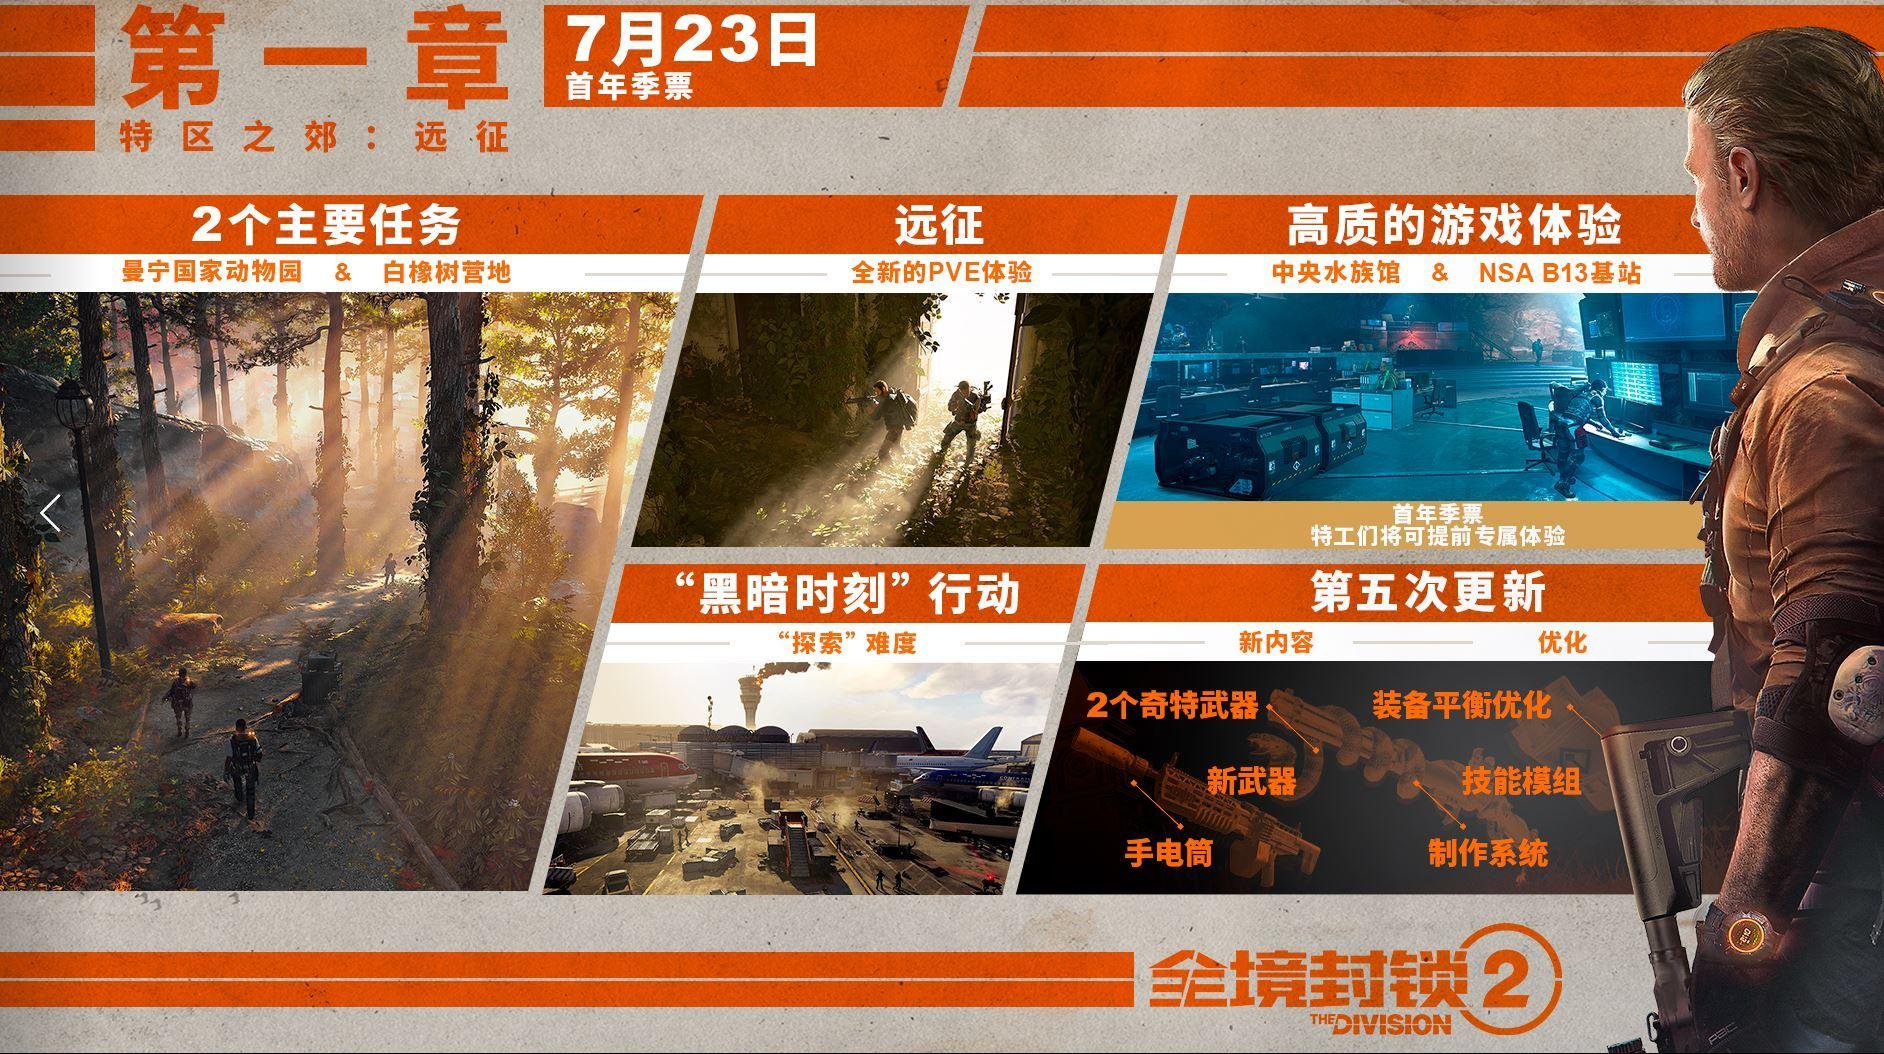 《全境封锁2》免费内容第一章7月23日推出 首先面向季票玩家